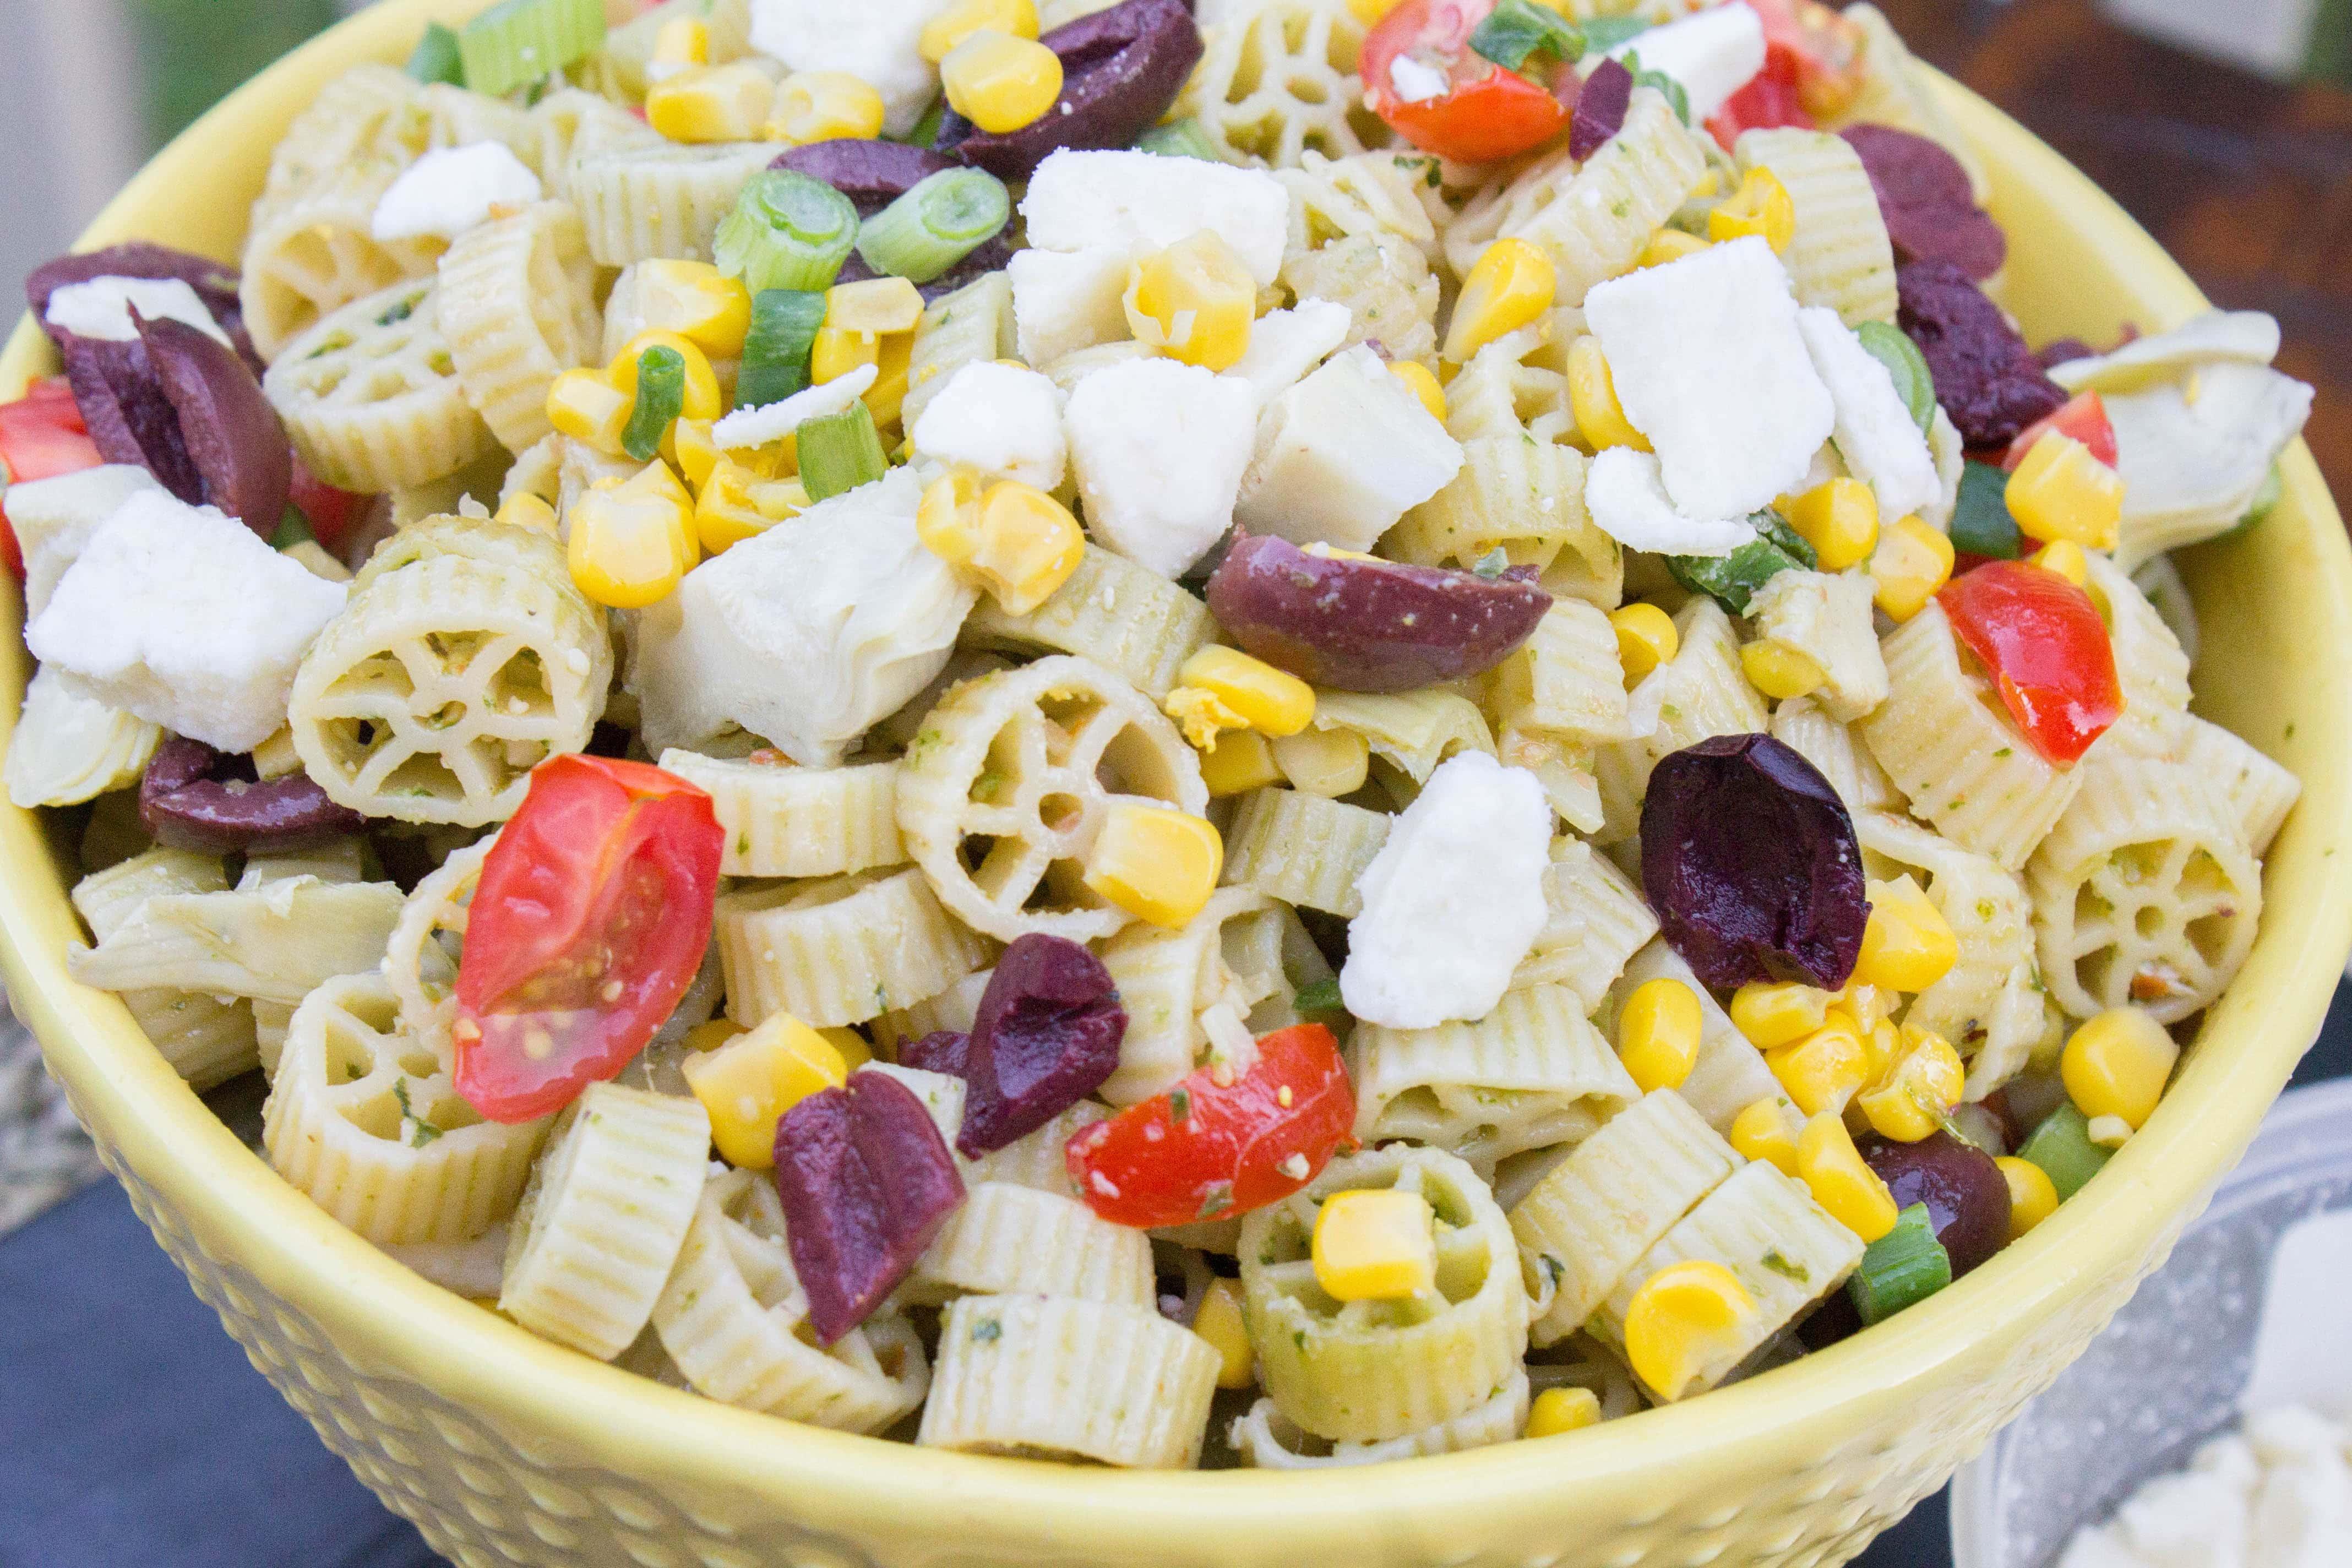 IMG_4771Pasta Salad close up